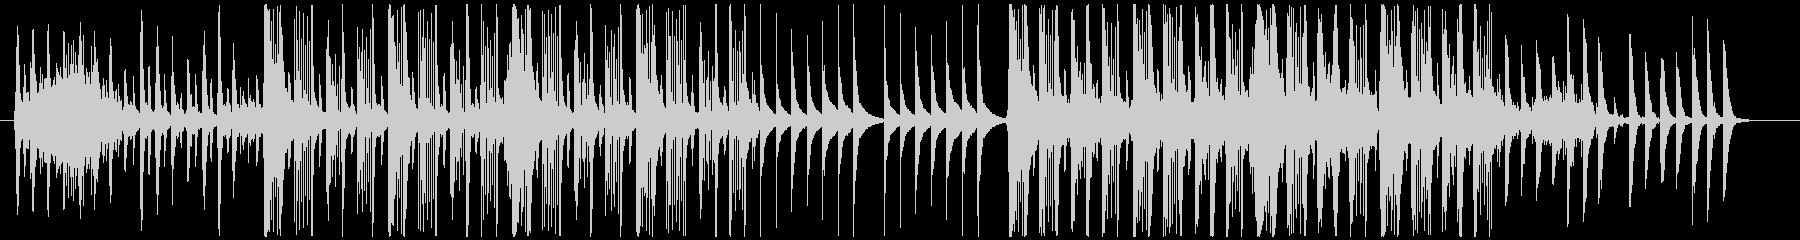 ピタゴラスイッチ風の不思議でコミカルな曲の未再生の波形